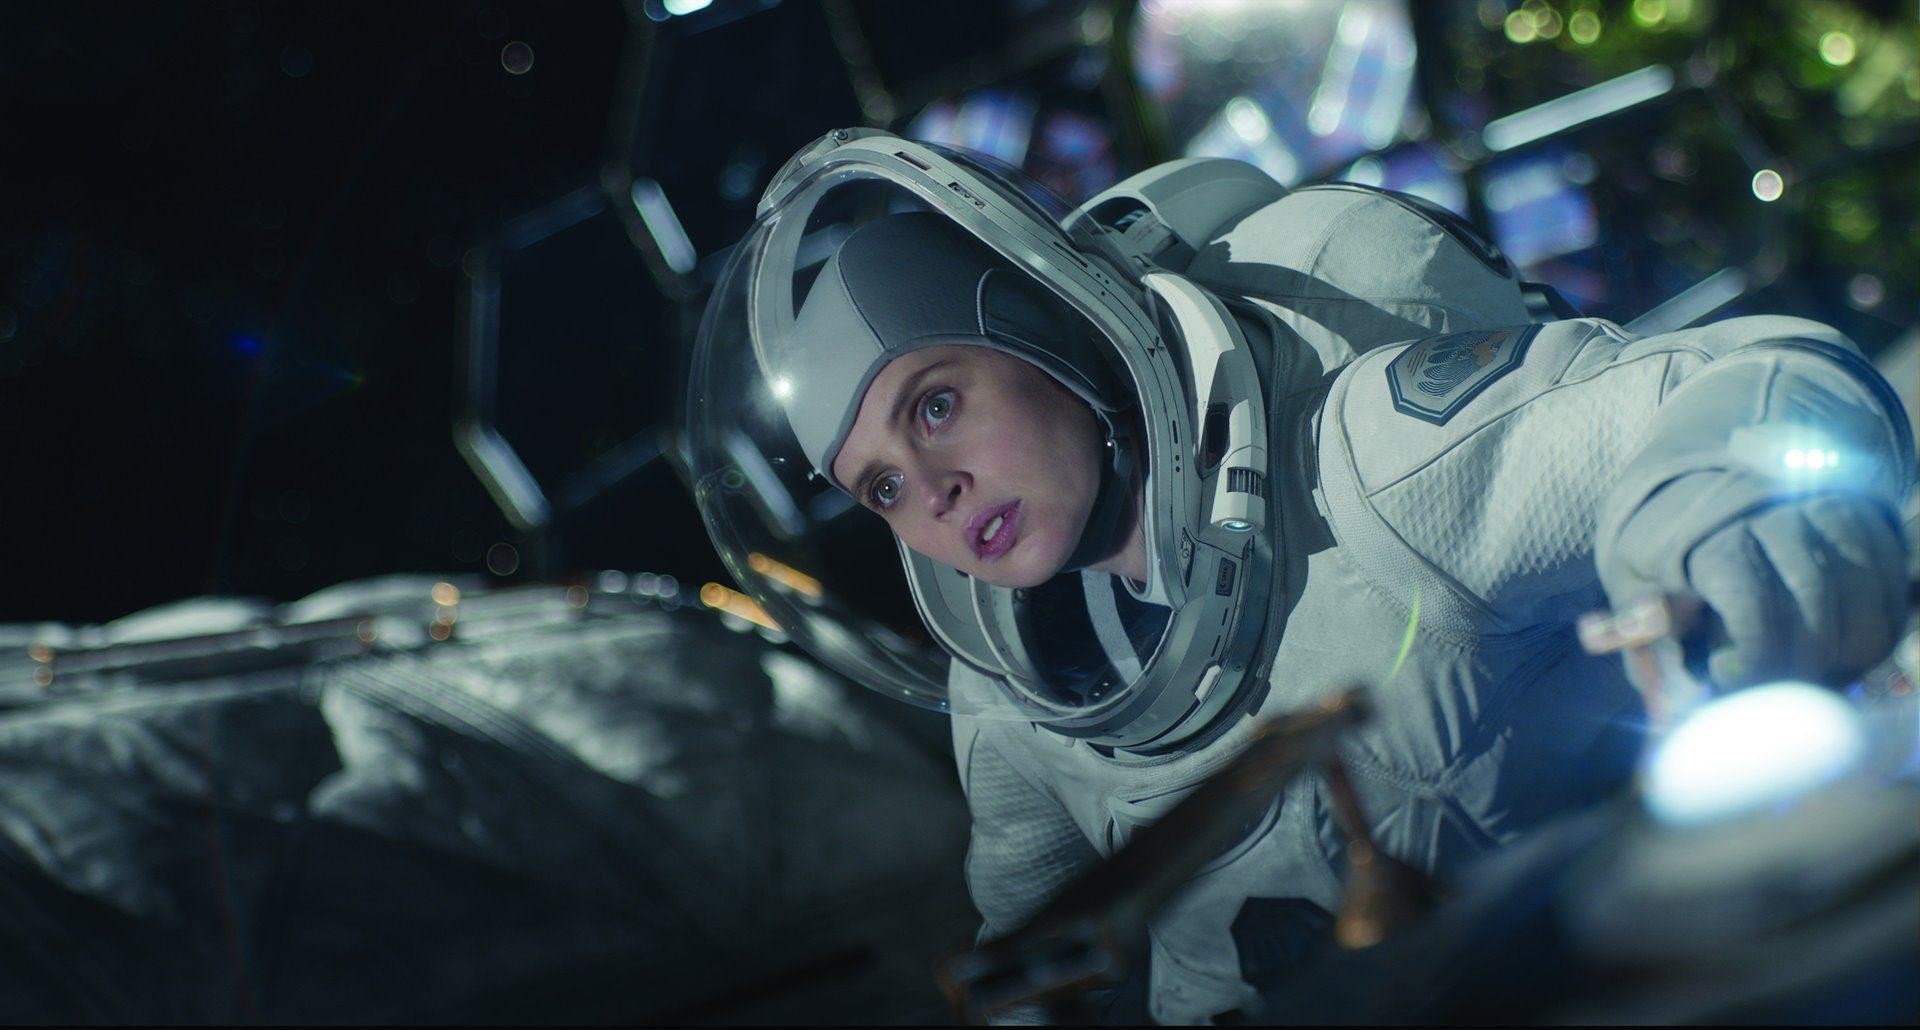 Fotograma de la película Cielo de medianoche, dirigida e interpretada por George Clooney.